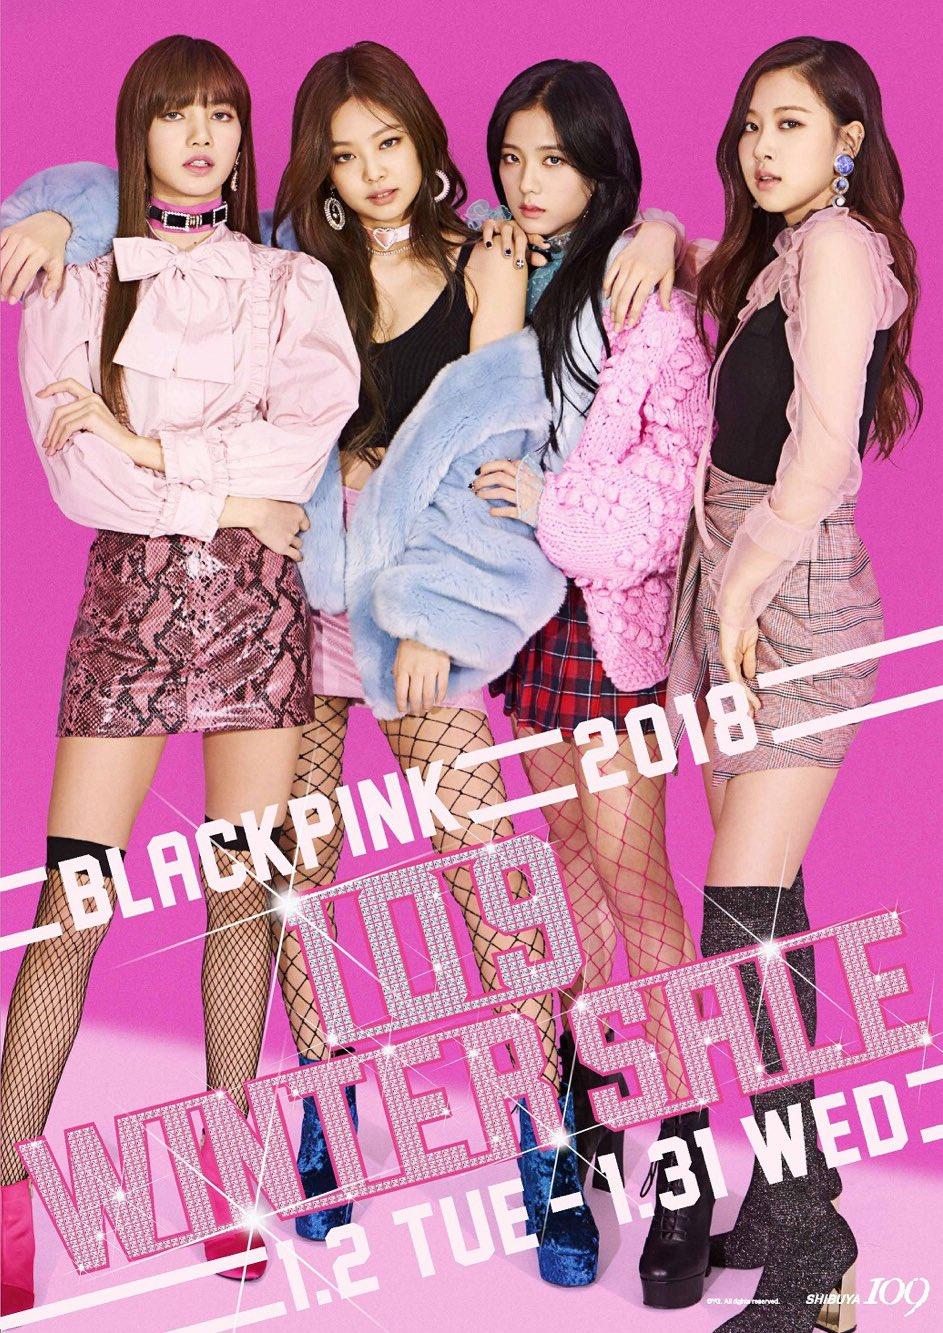 Free Download Lisa Black Pink Asiachan Kpop Image Board